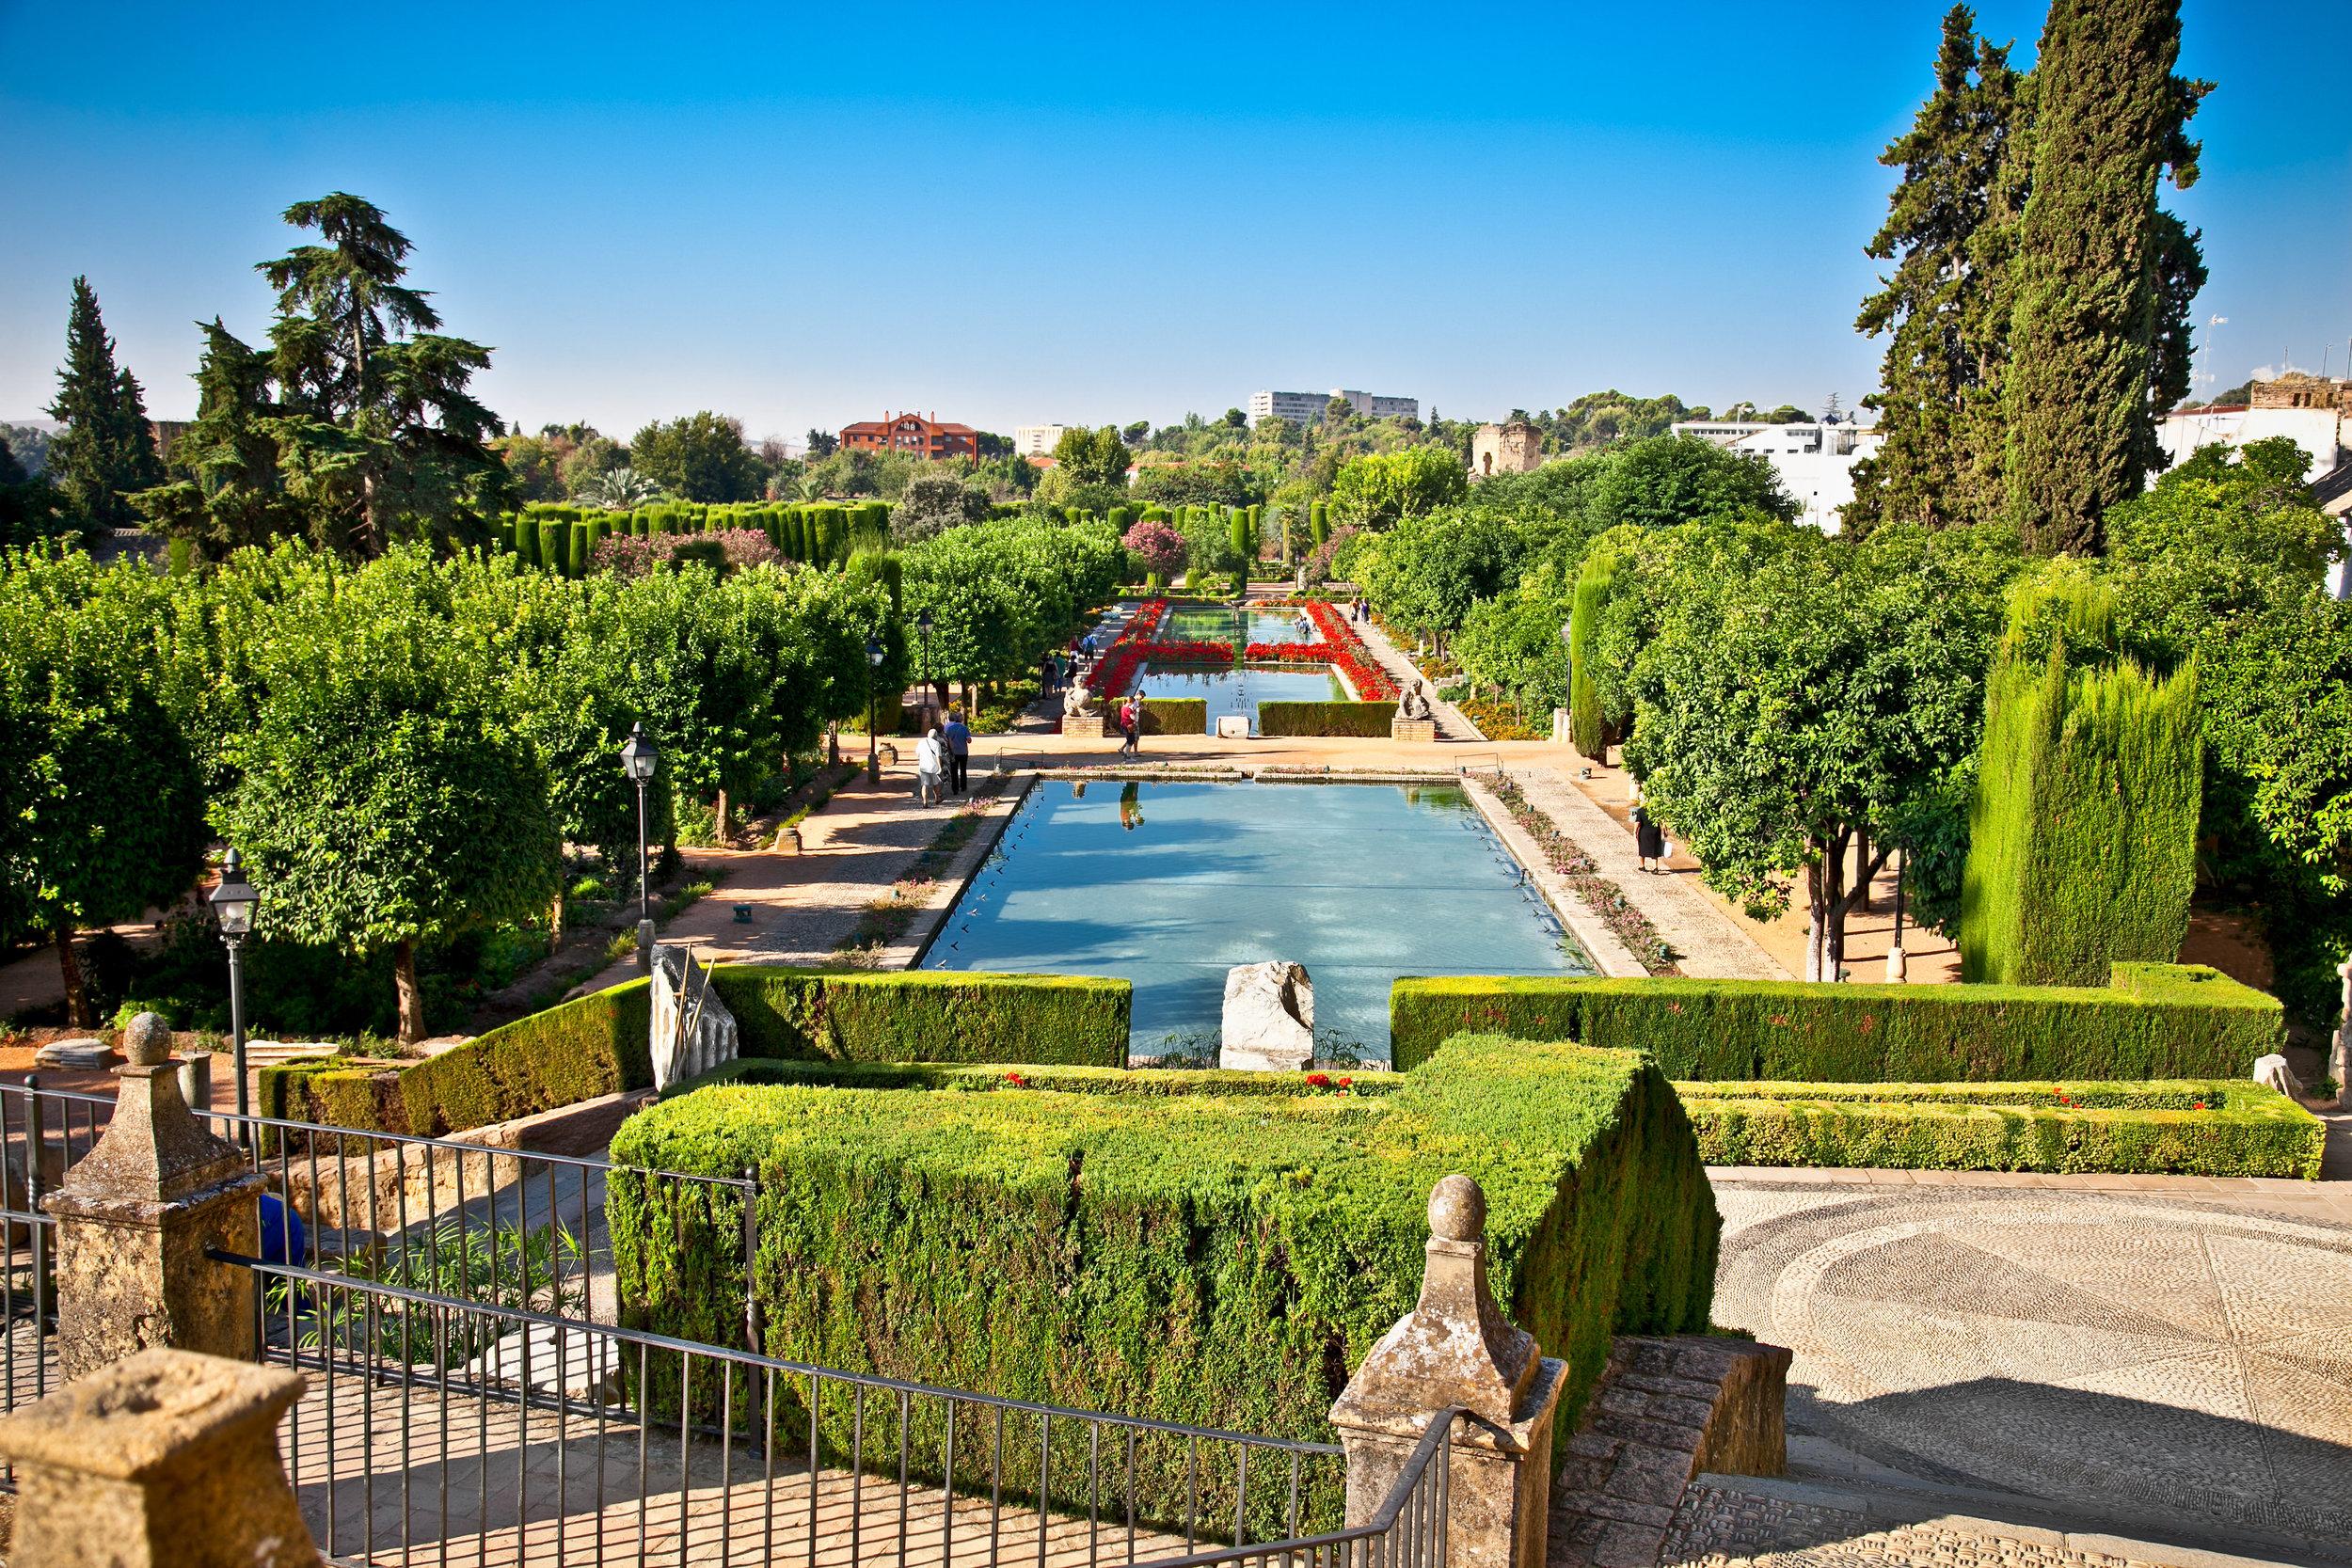 Gardens of the Alcazar, Cordoba